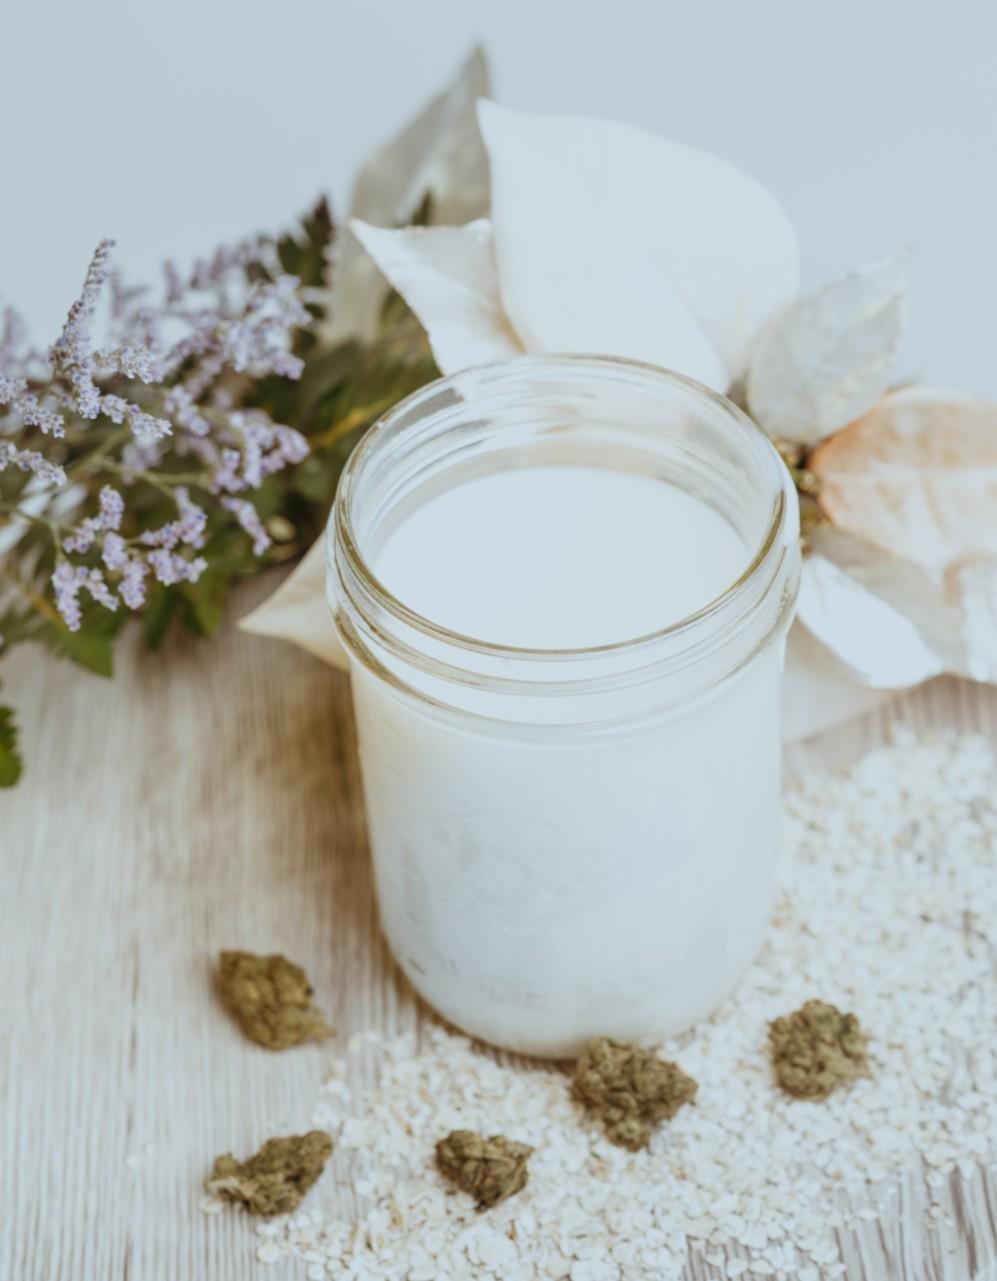 What Is Hemp Cream Made Of? photo